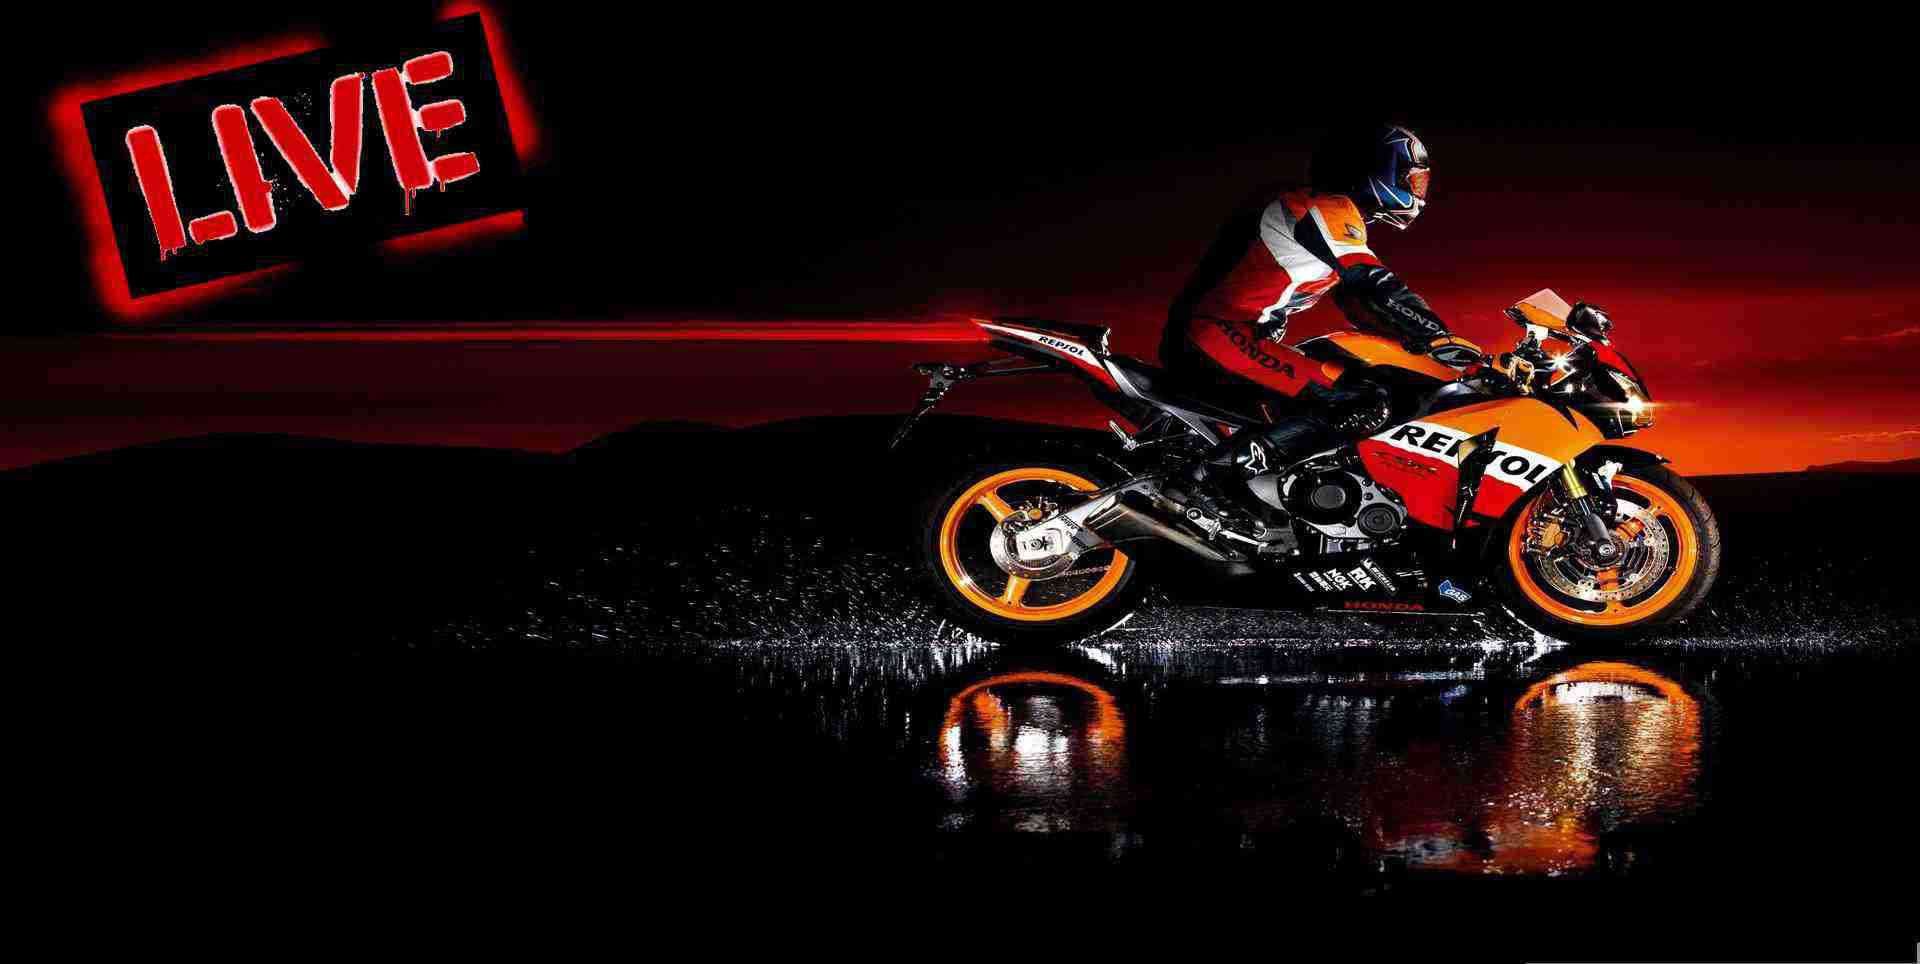 Live 2016 Czech Republic MotoGP Online